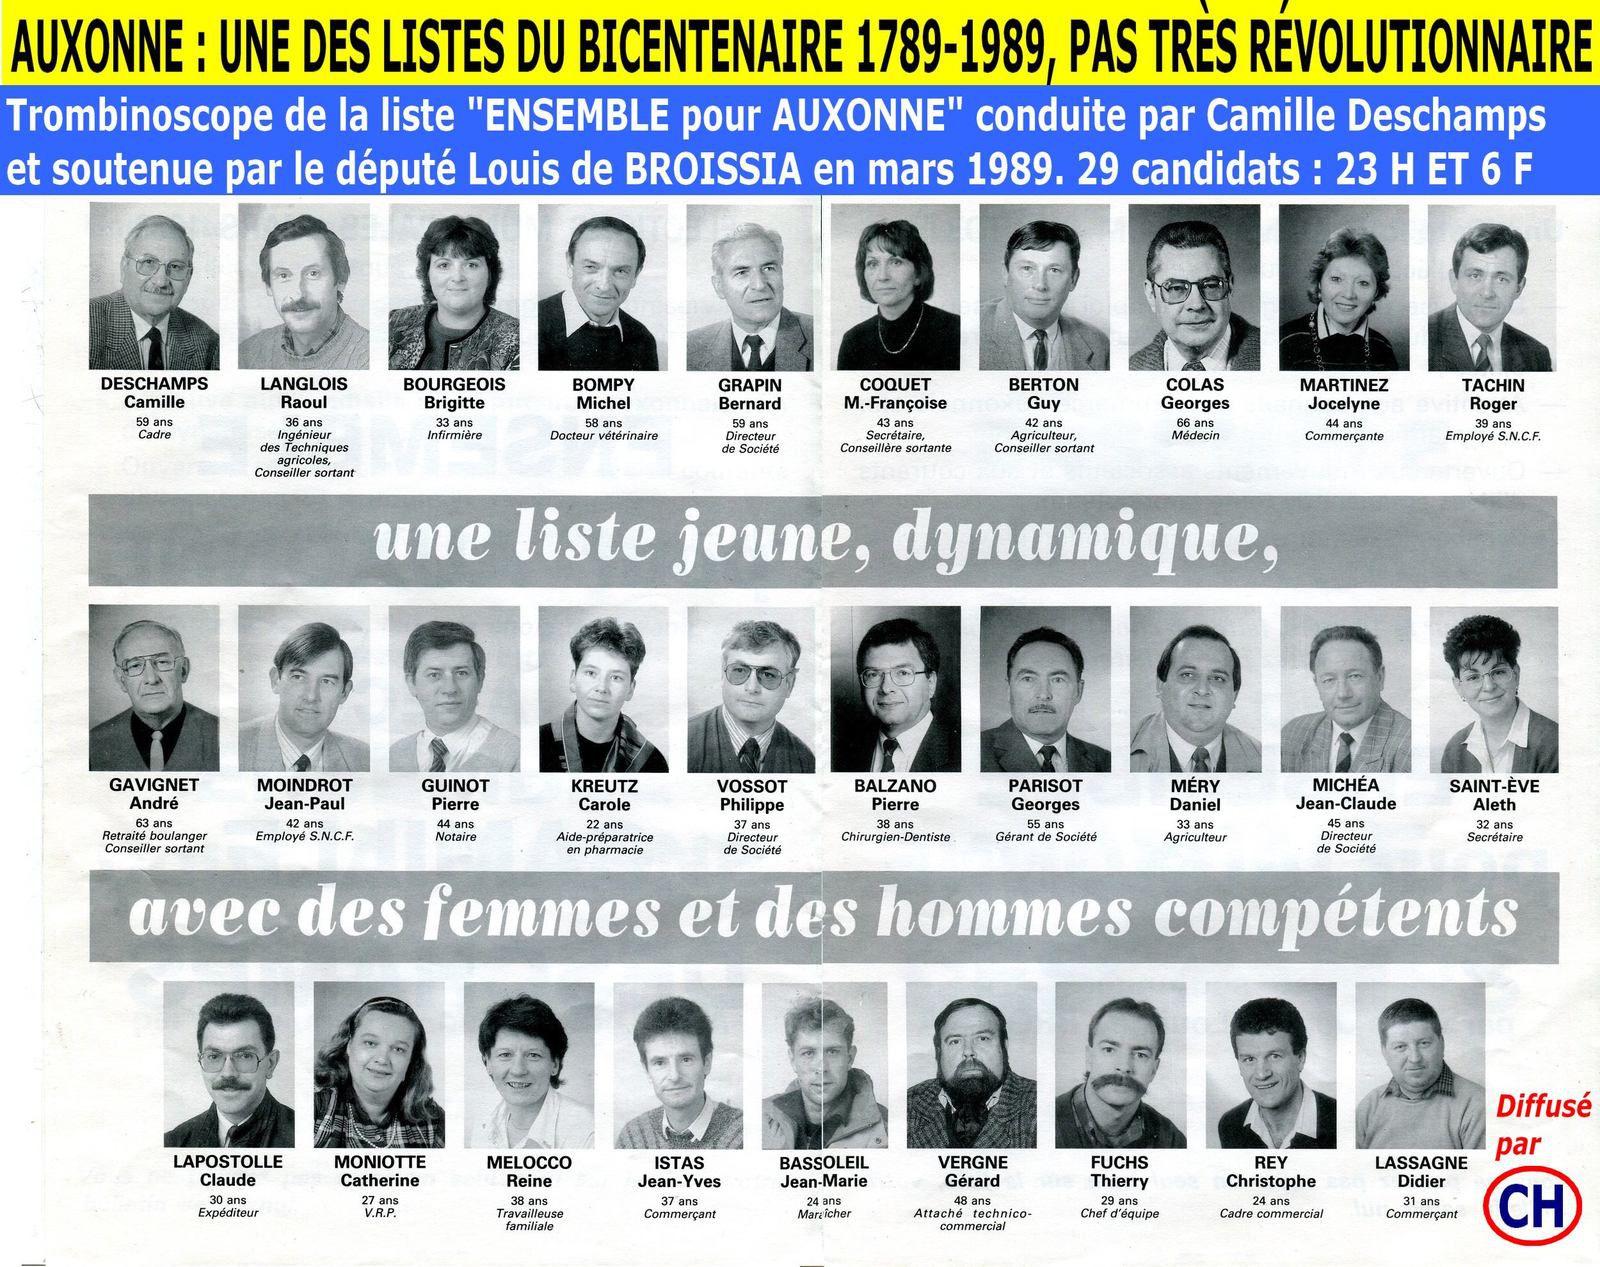 Auxonne, une liste du bicentenaire 1789-1989, pas très révolutionnaire.jpg